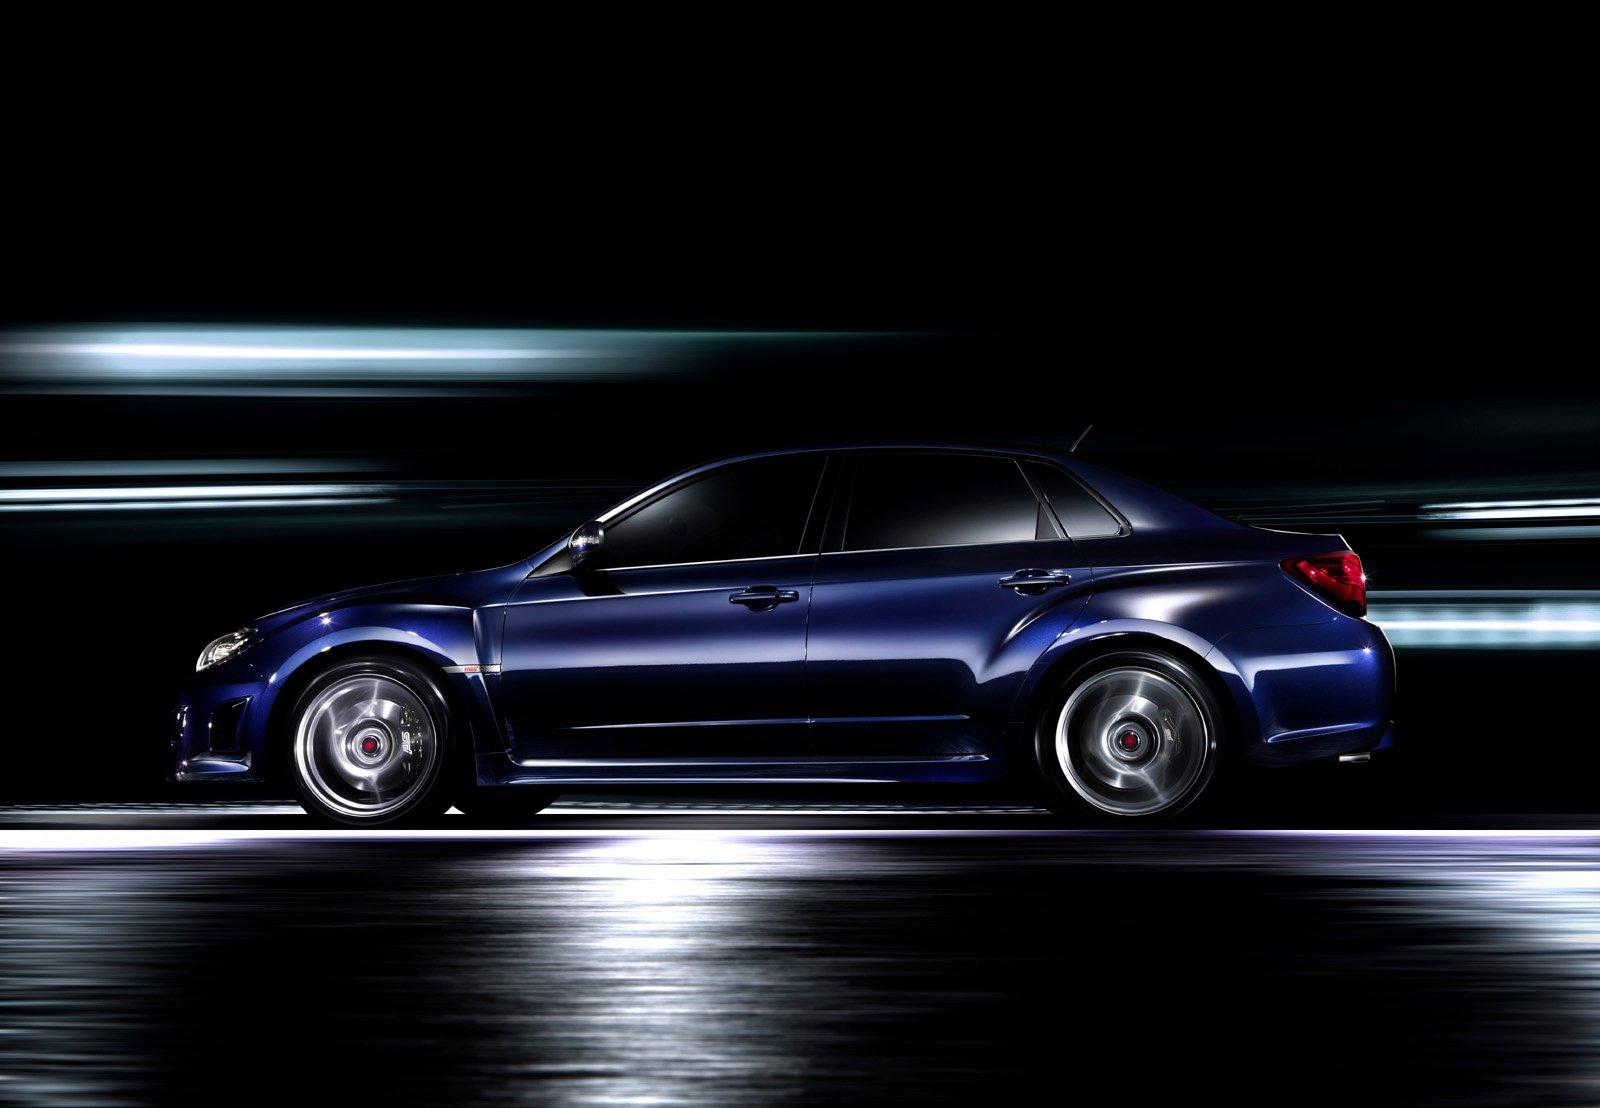 Subaru Impreza Wrx Sti 2006 >> 2011 Subaru Impreza WRX STI automatic - Photos (1 of 31)